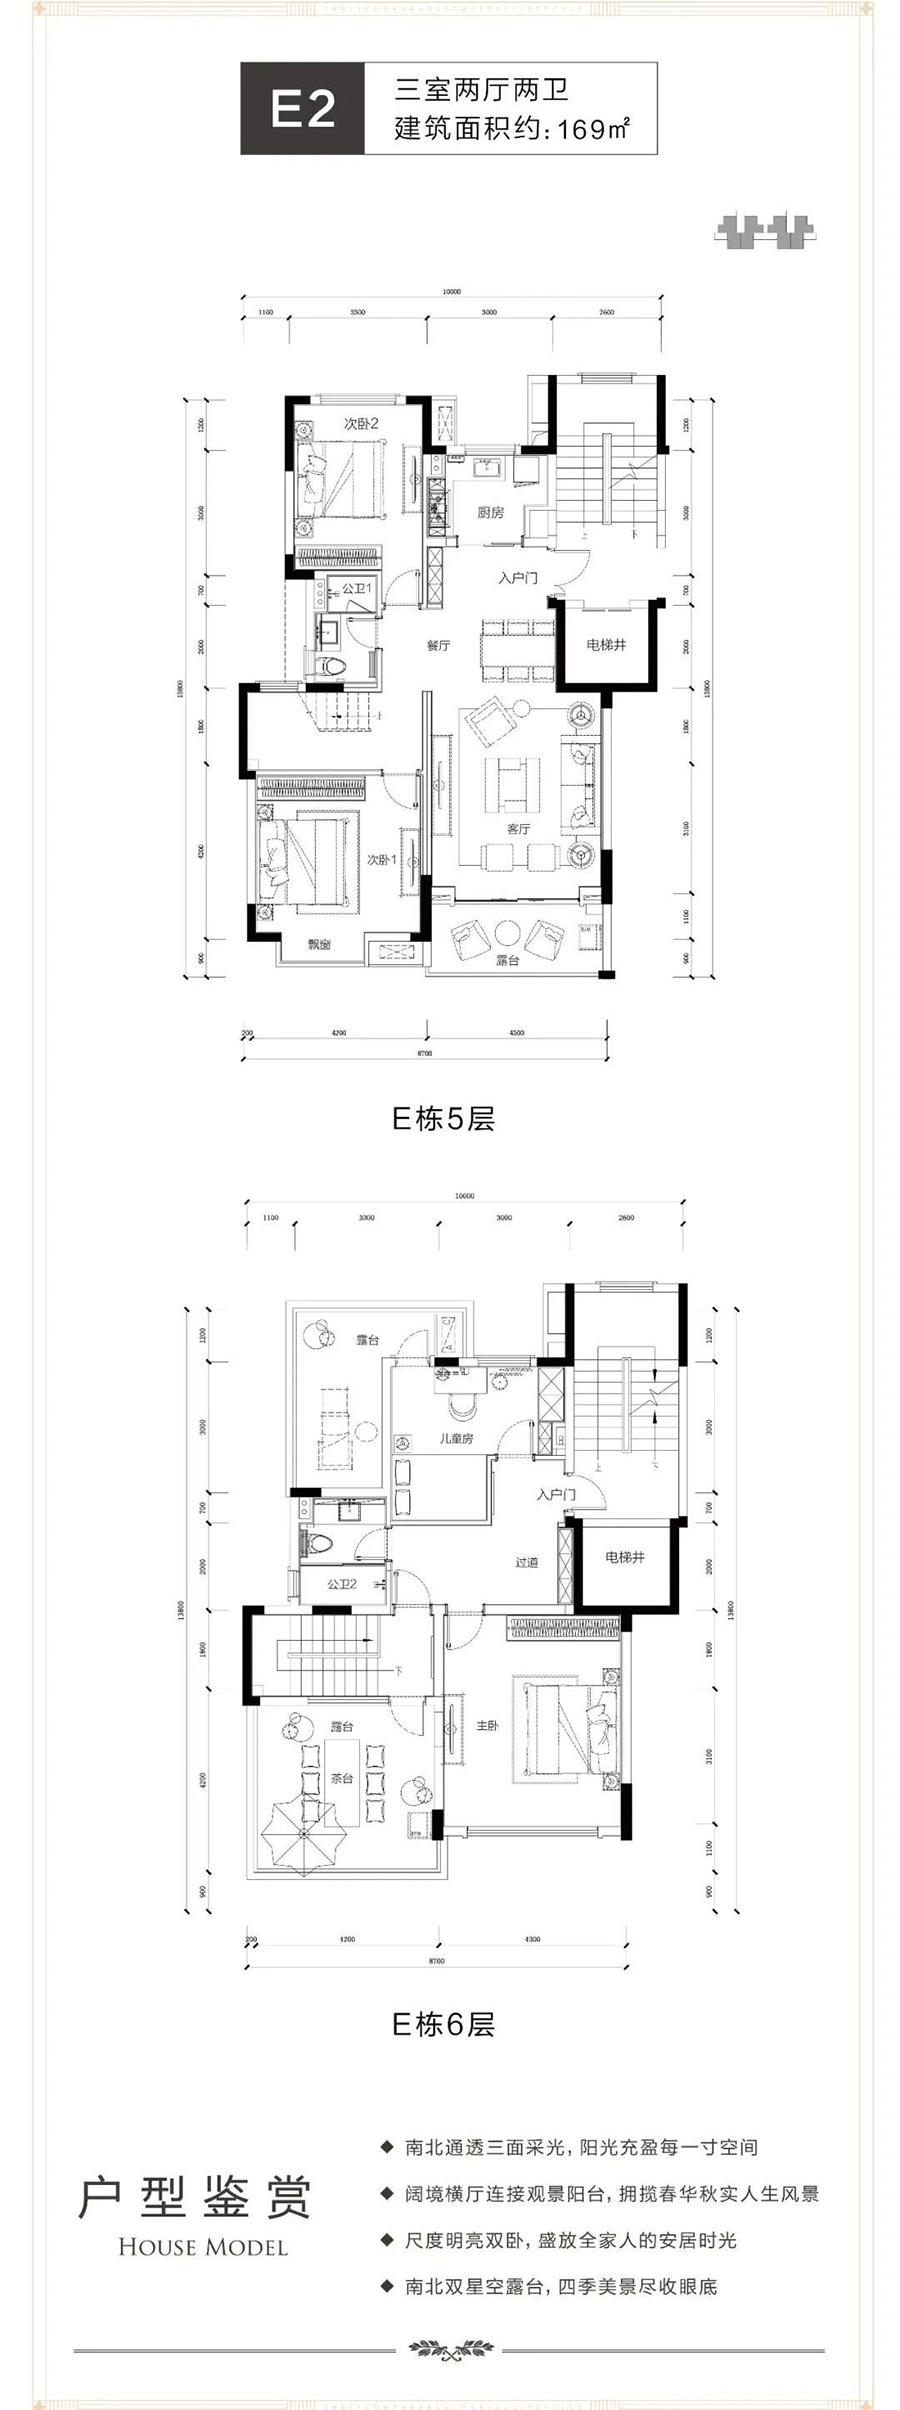 天赐上湾3房2厅1厨2卫 (建筑面积:169.00㎡)